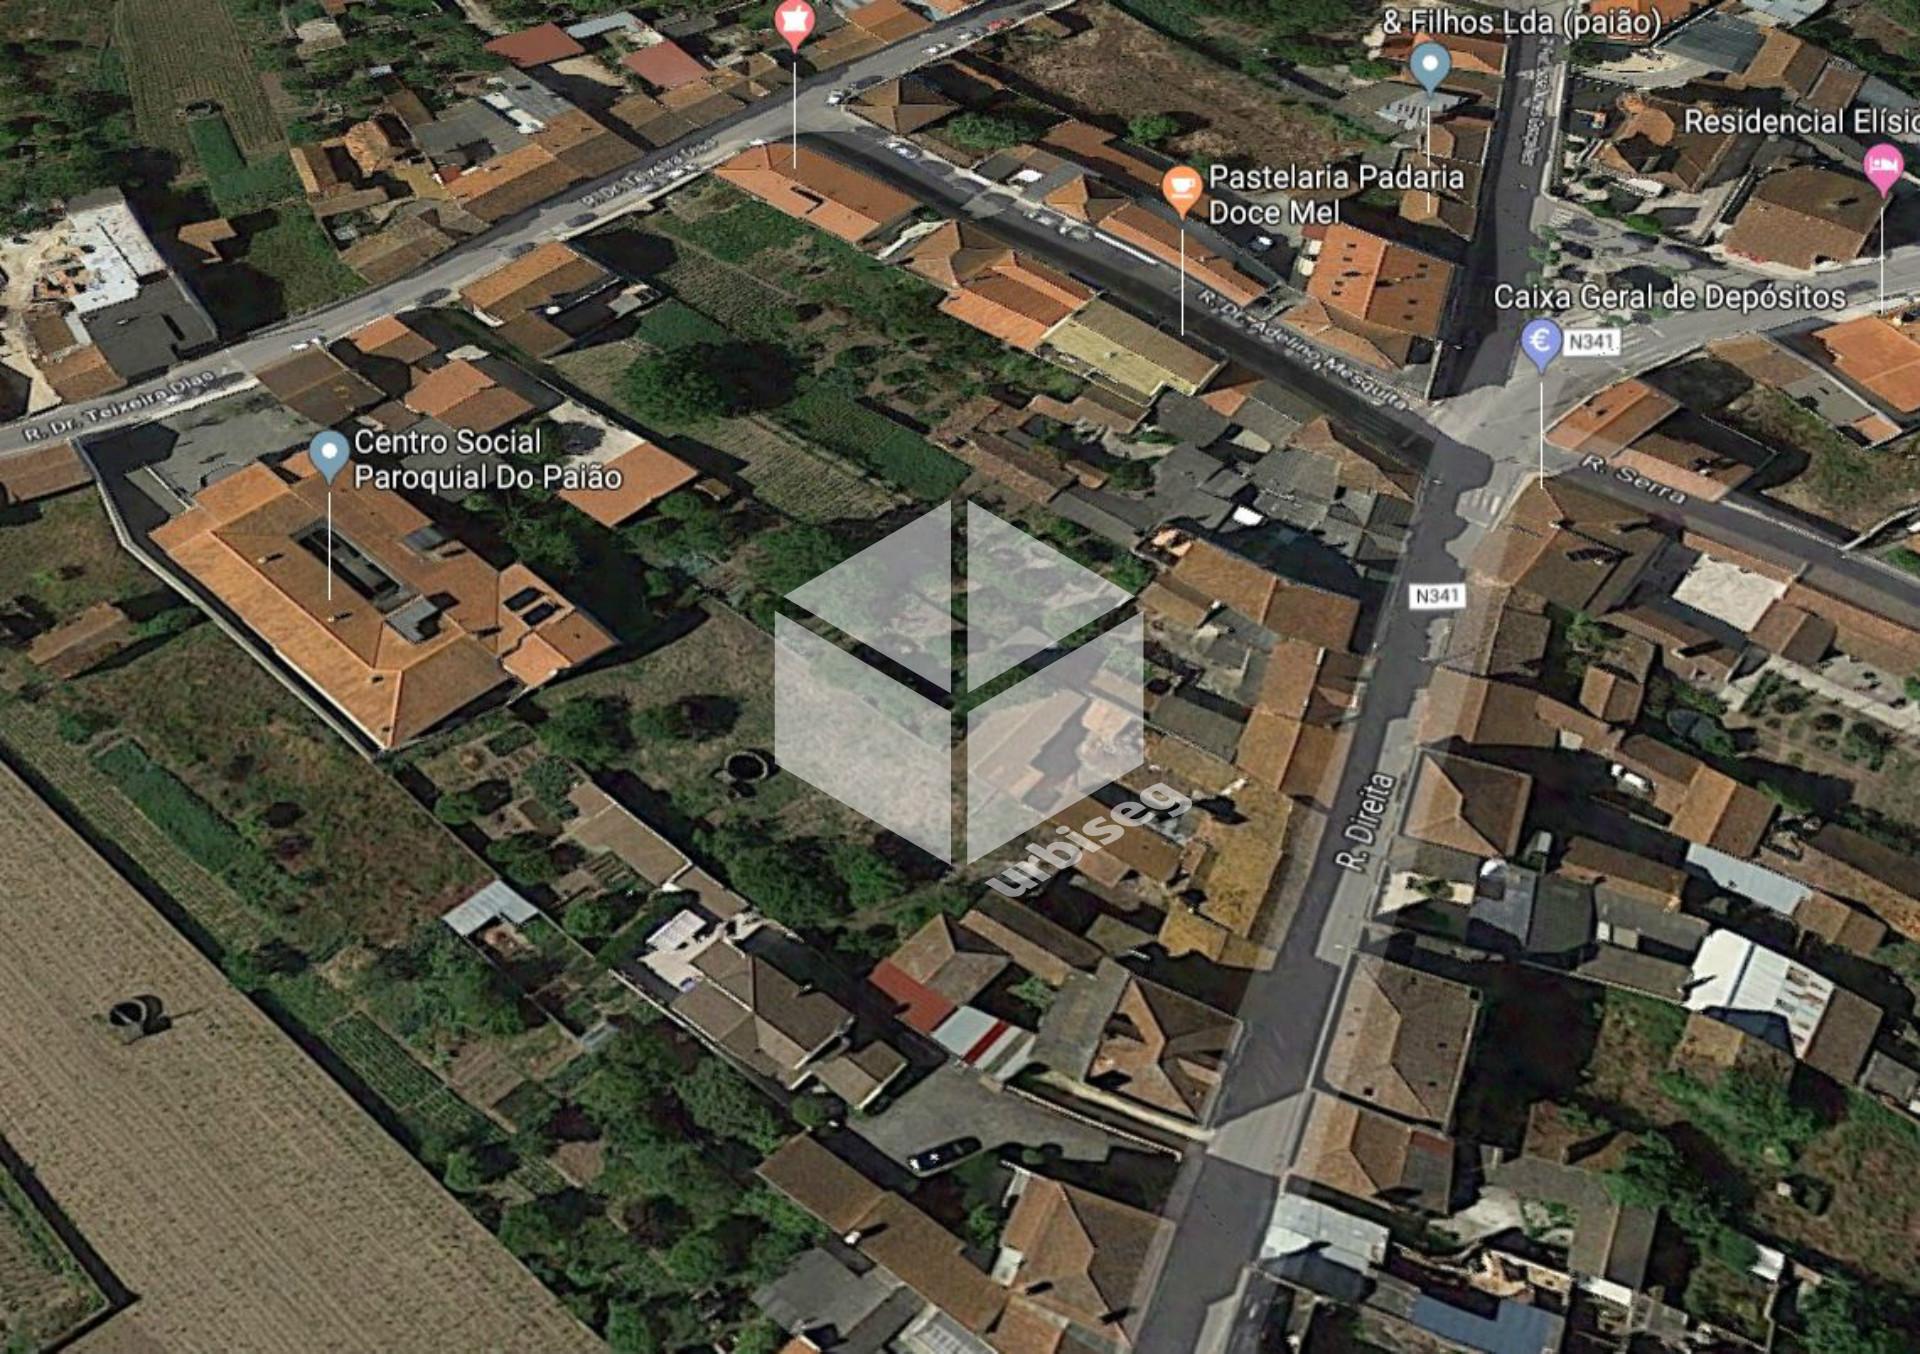 Moradia centenária com 671m2 no Centro da Vila do Paião